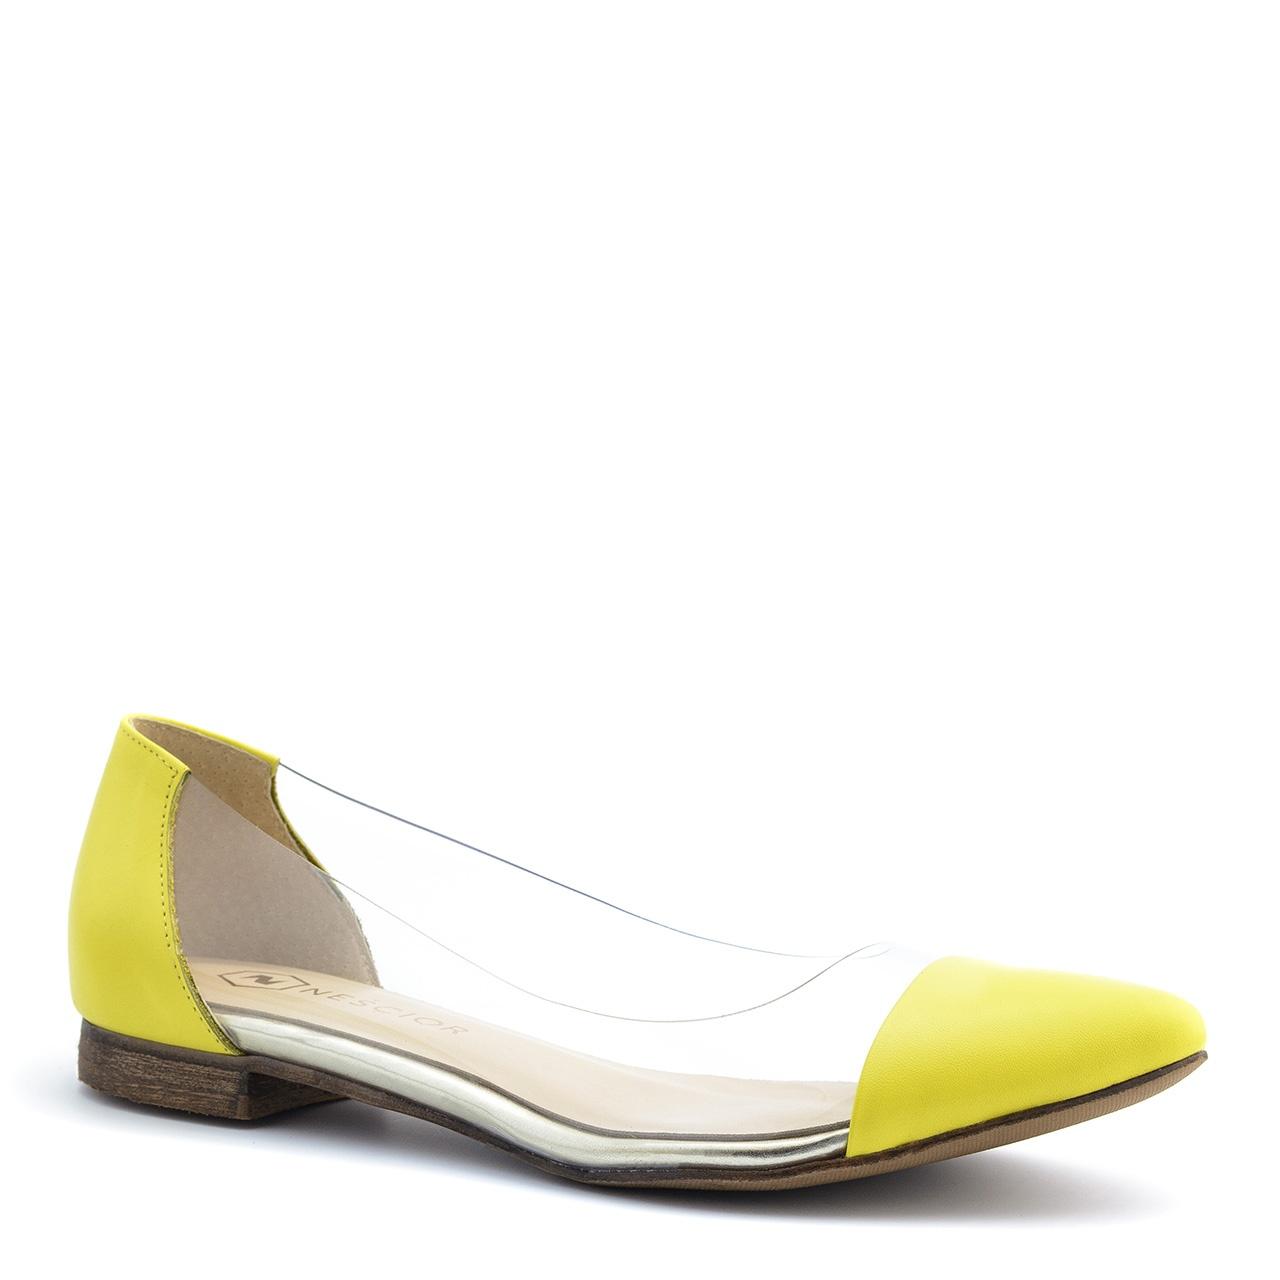 367c4f01b178bb Żółte baleriny z sylikonu 77Z - Neścior Sklep Firmowy